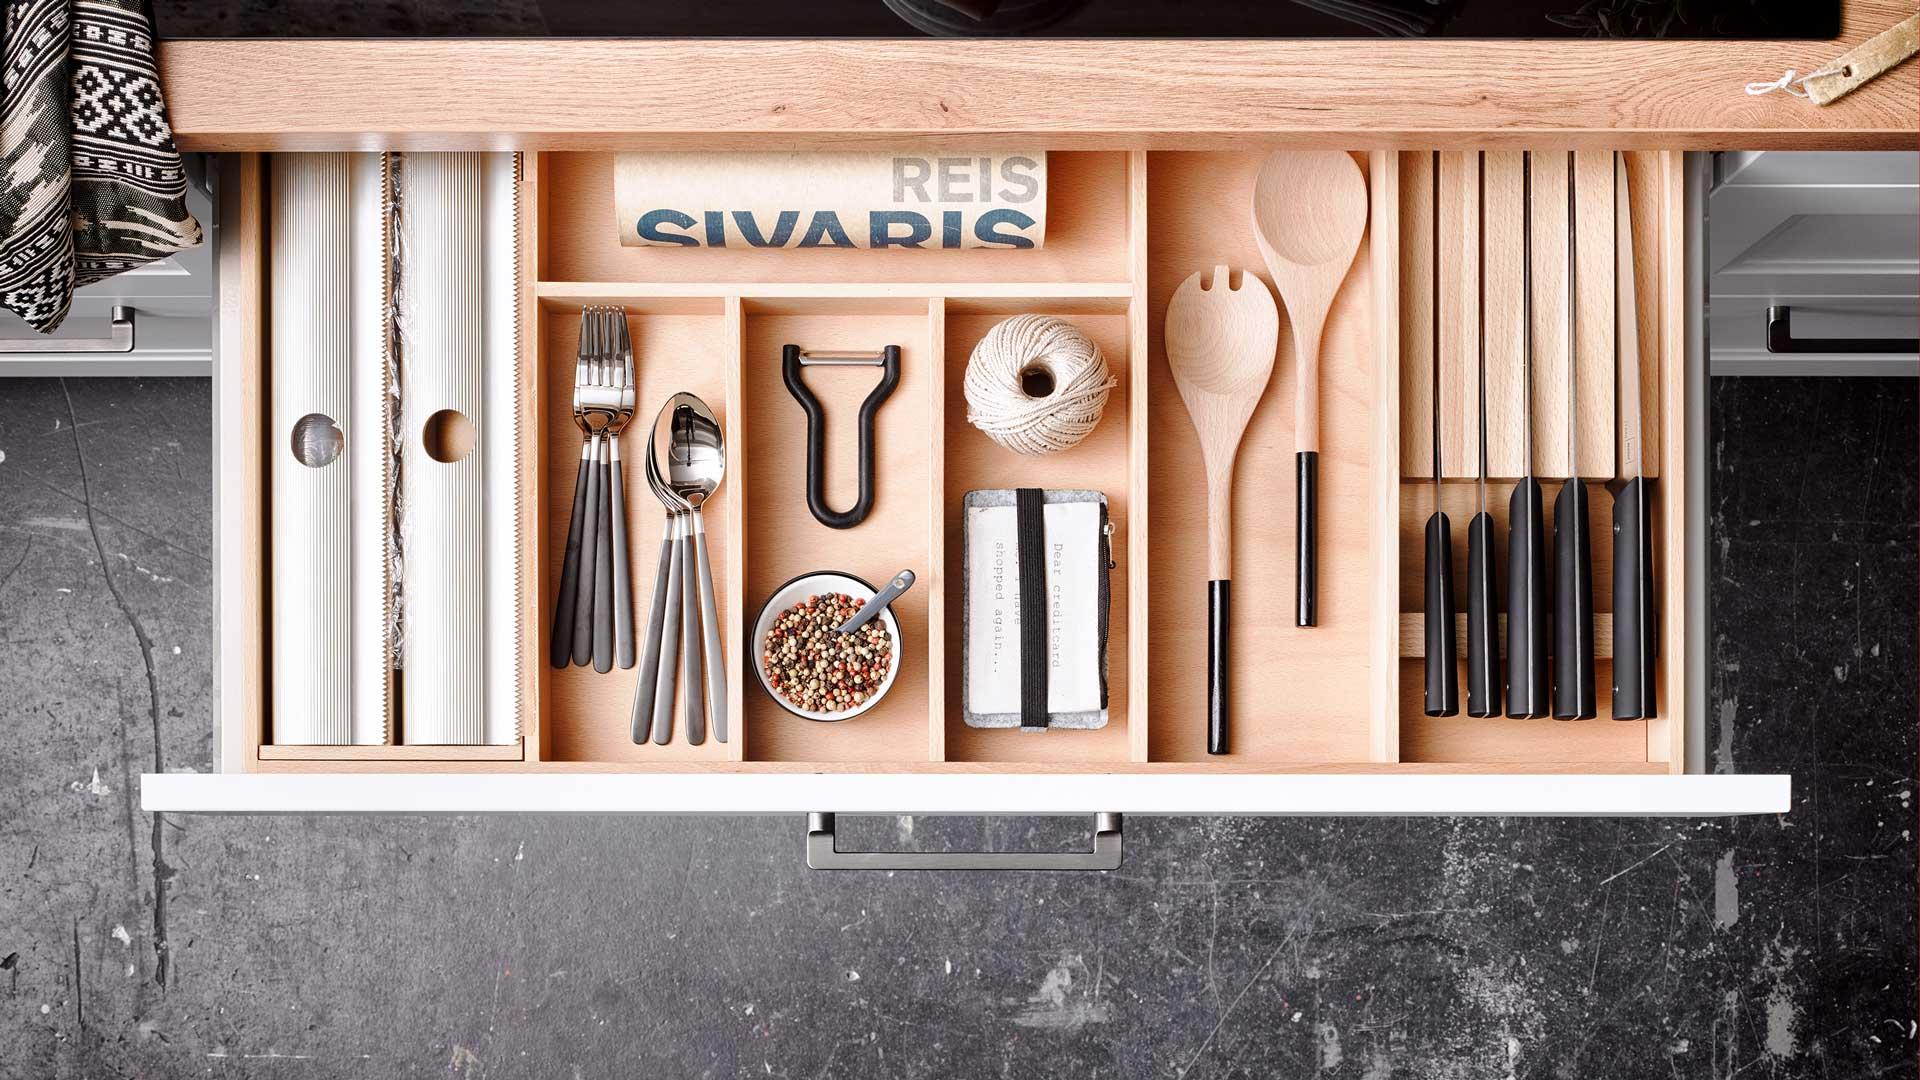 Küchenausstattung im Küchenstudio Miele Center Ebner & Spuller in Graz